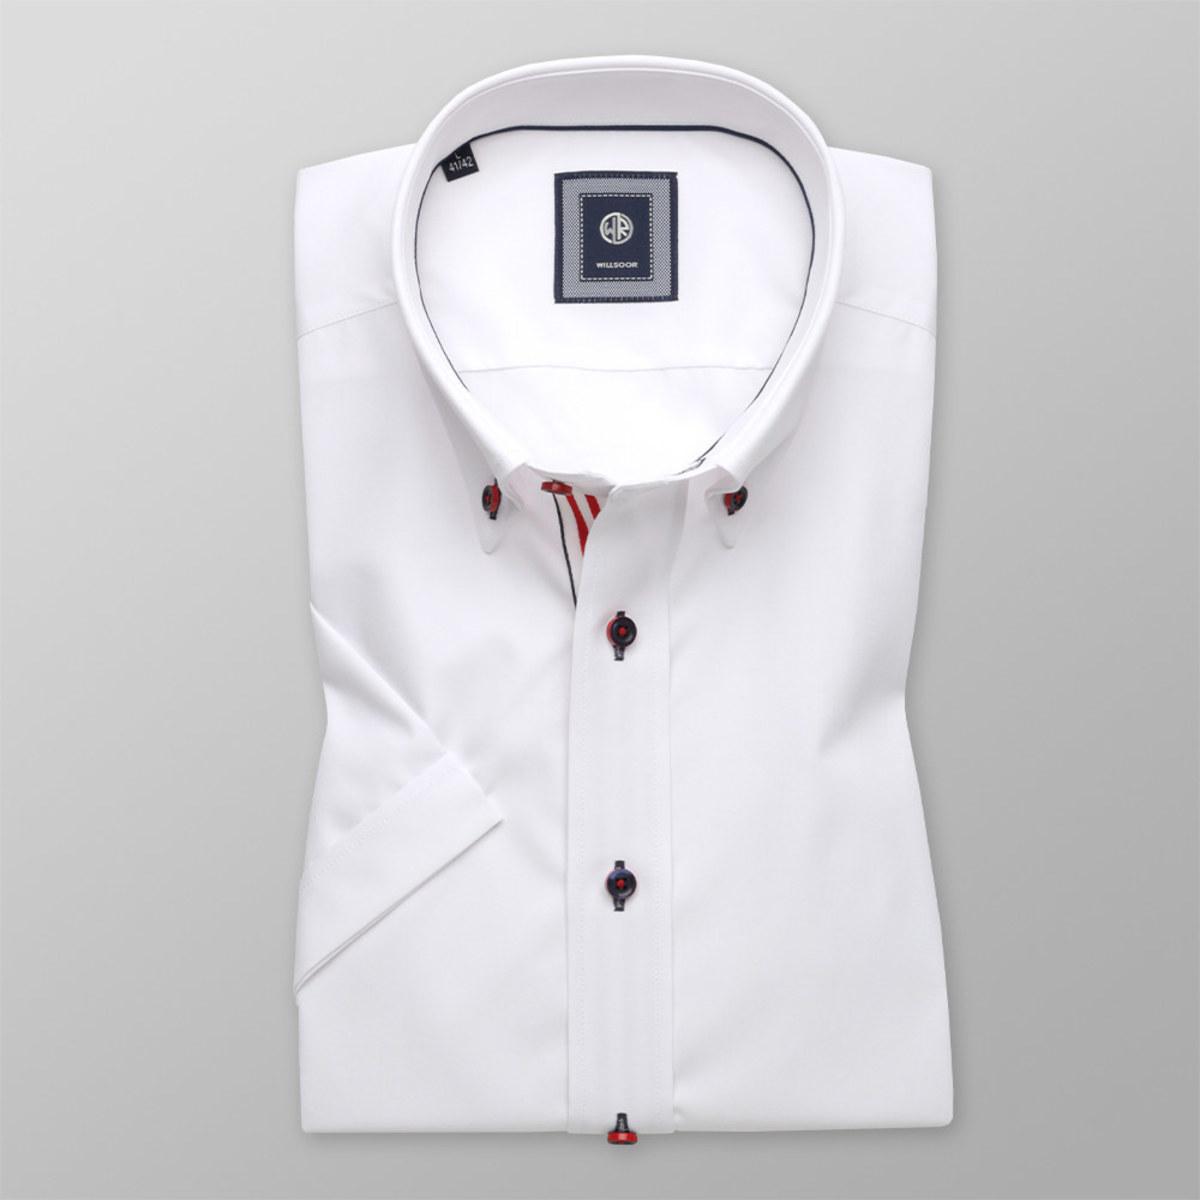 Košeľa Slim Fit biela s hladkým vzorom (výška 176 - 182) 10759 176-182 / M (39/40)